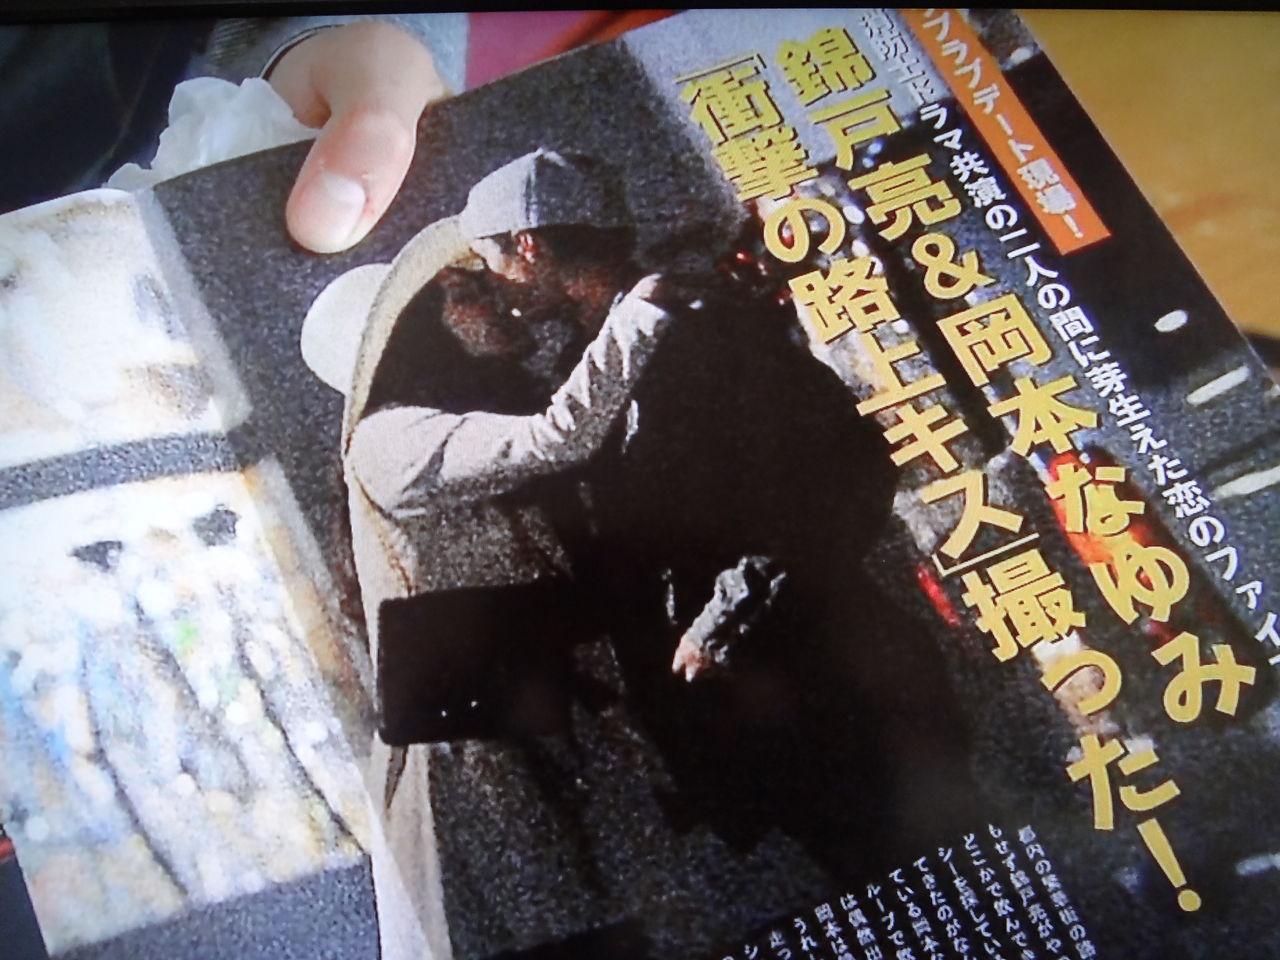 亮 週刊 誌 錦戸